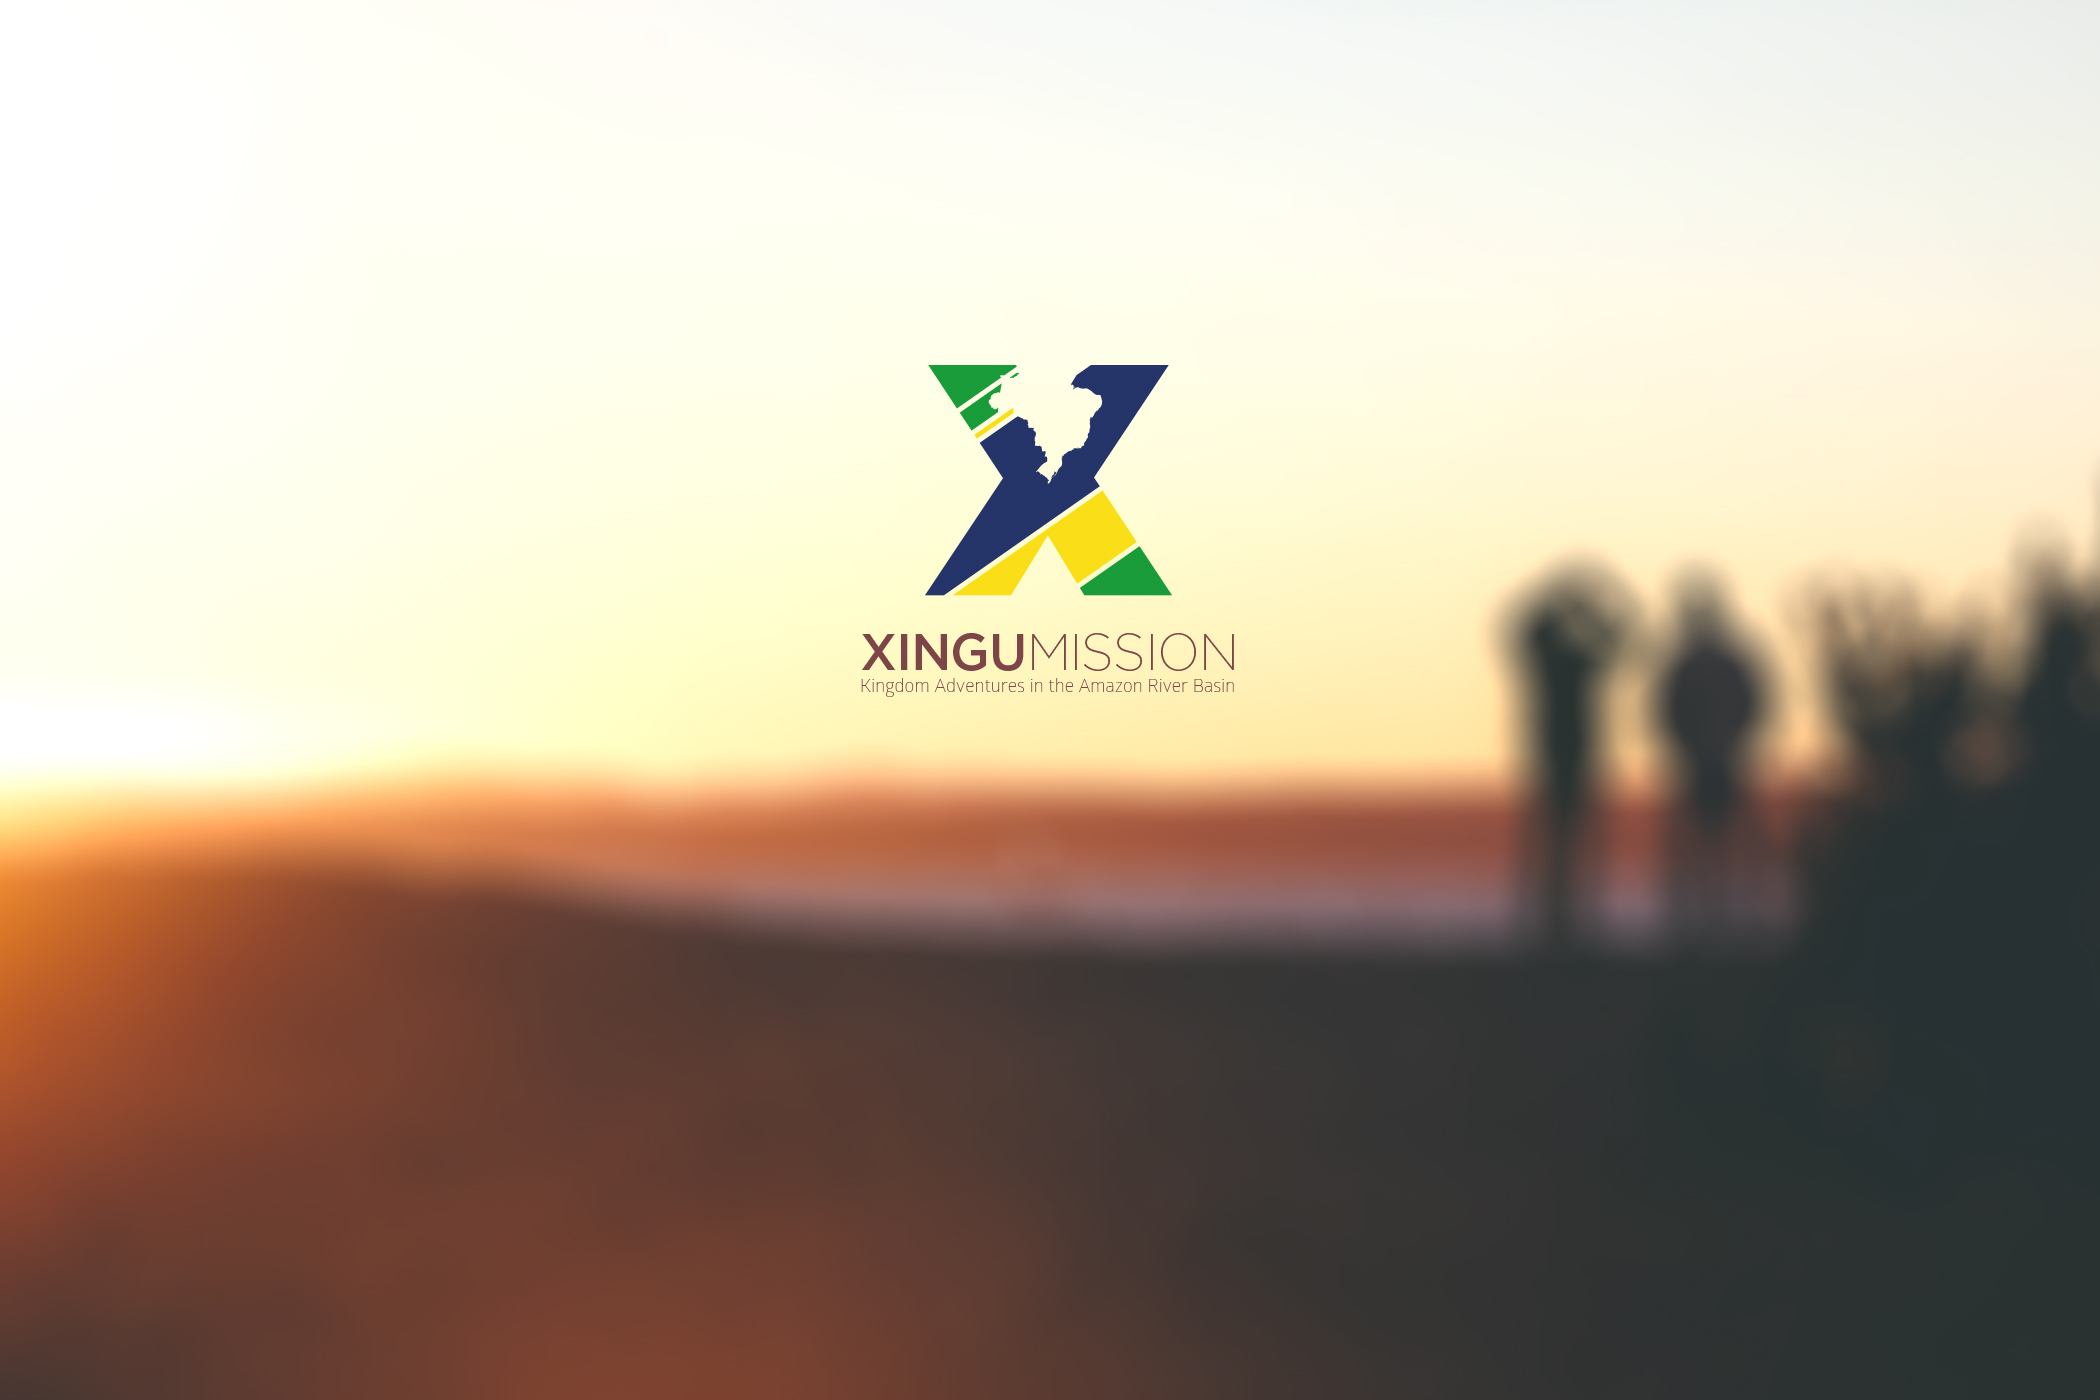 Xingu Mission